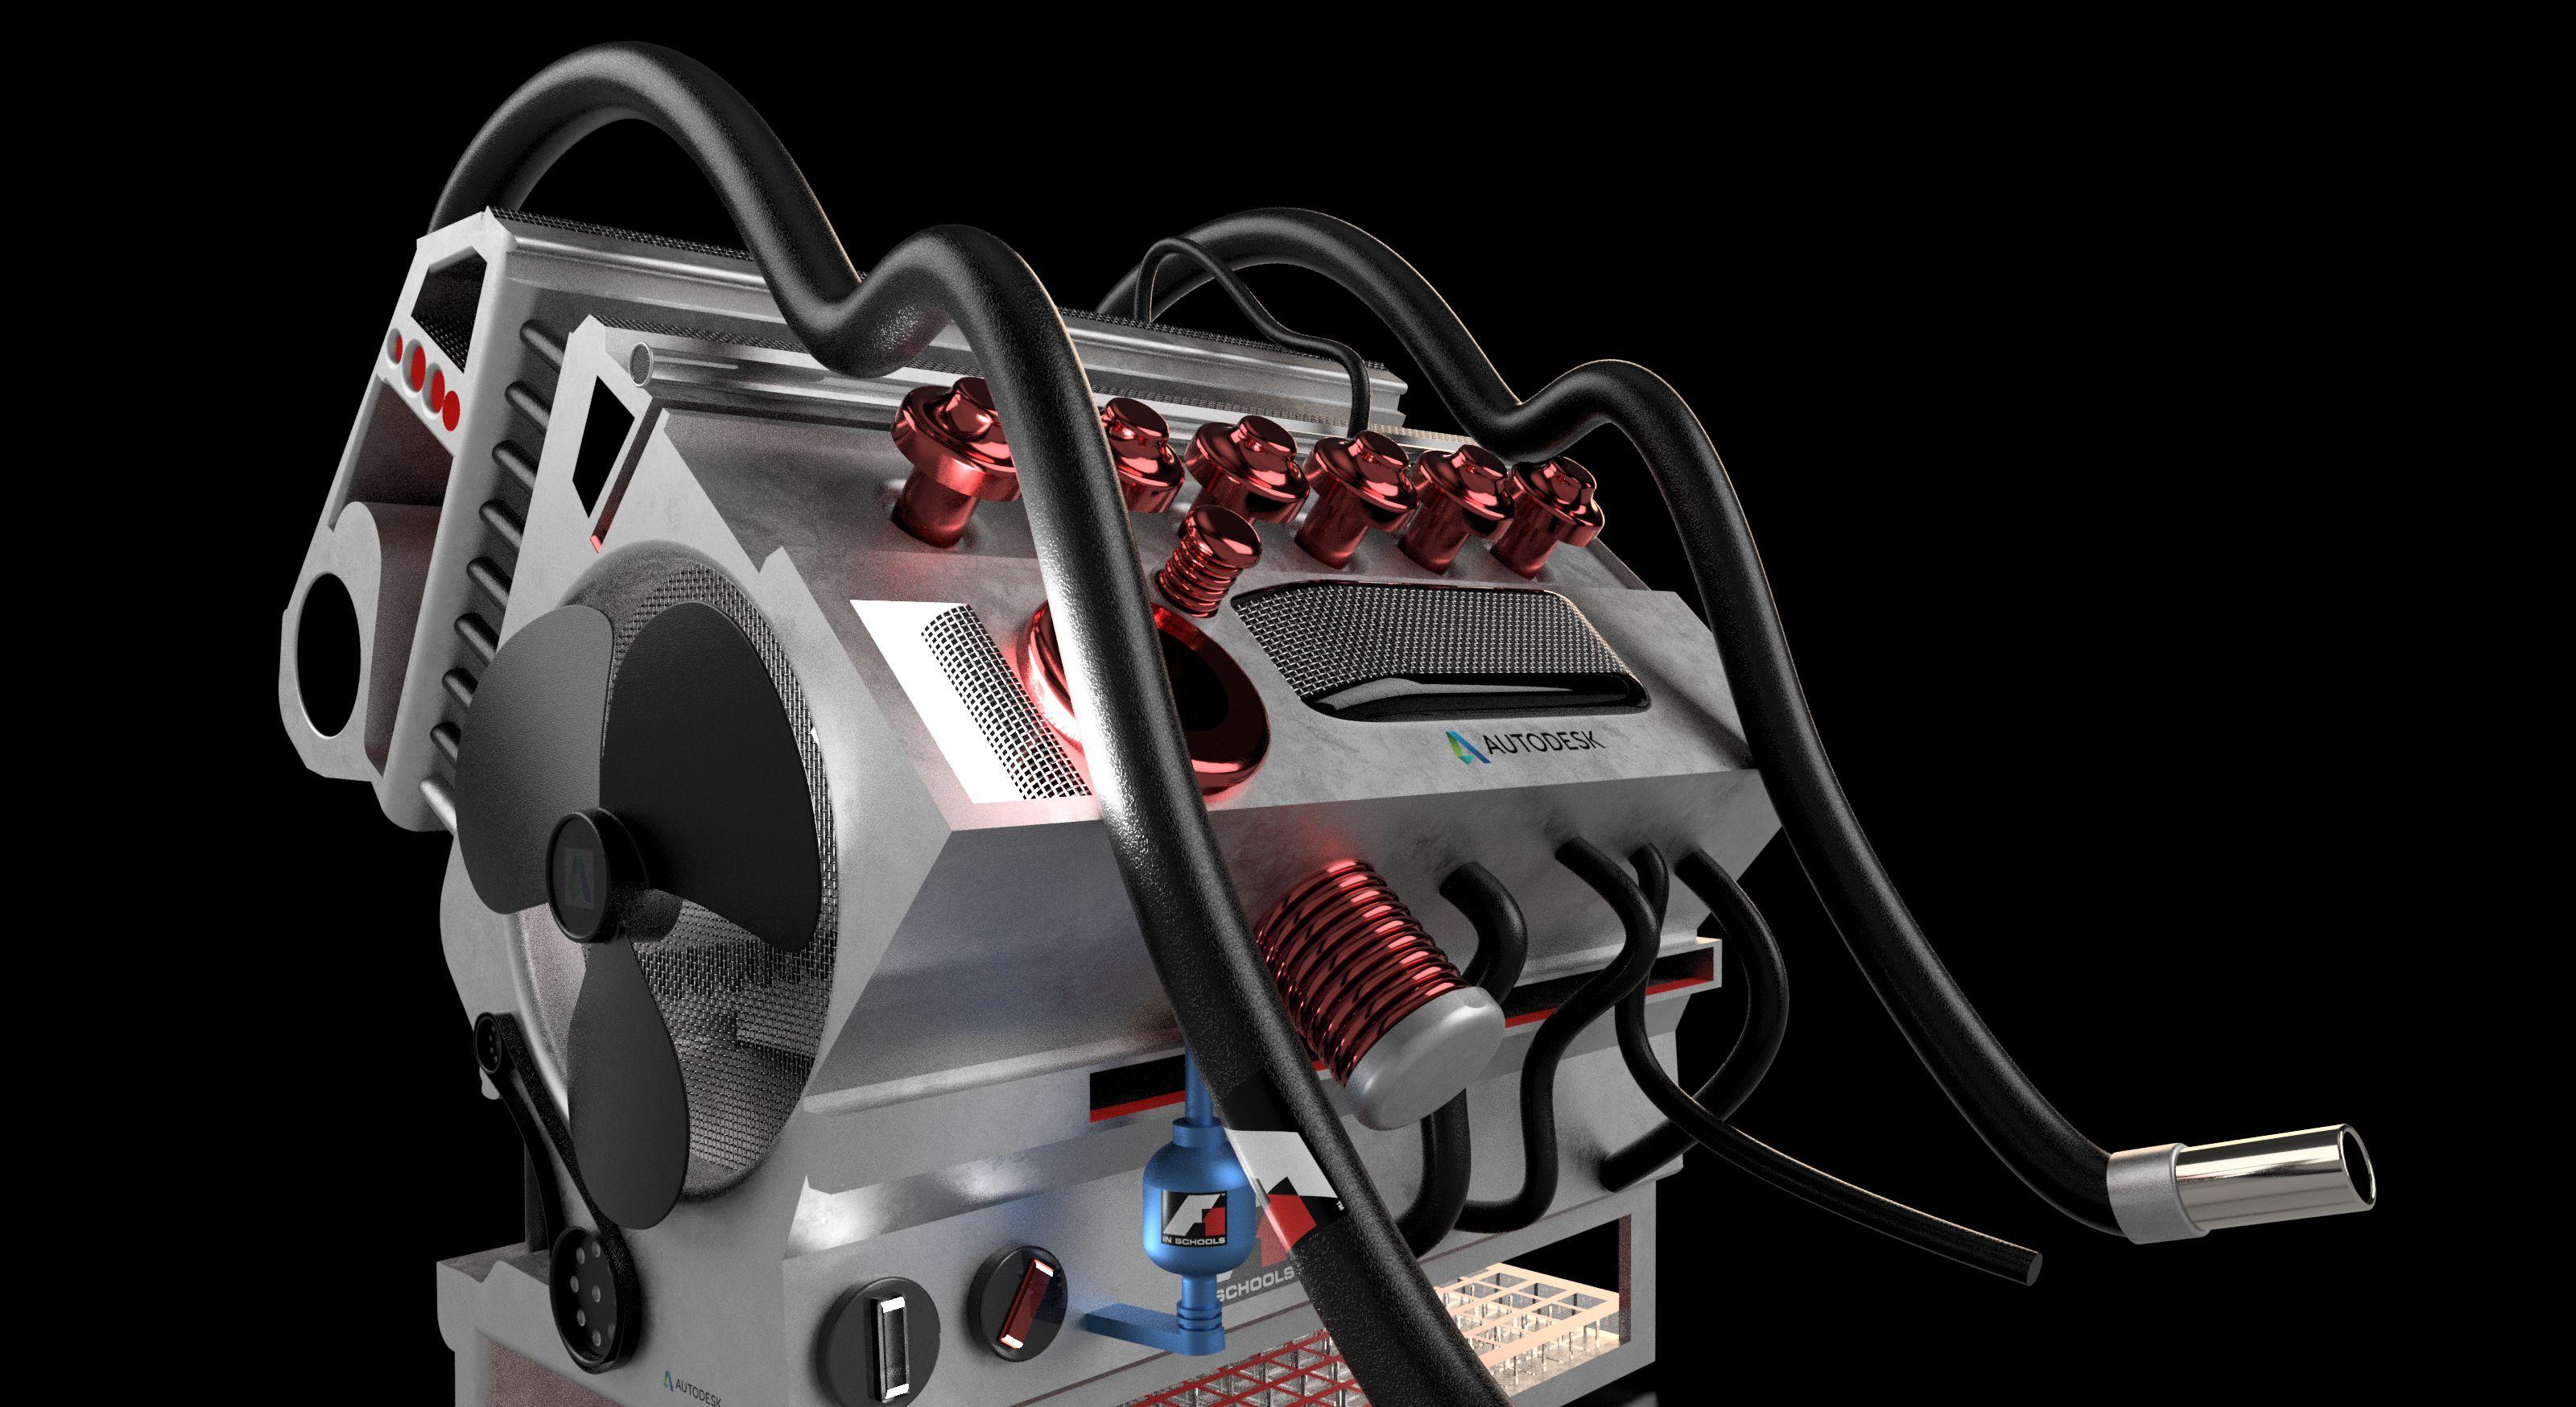 Engine-v86-2-3500-3500